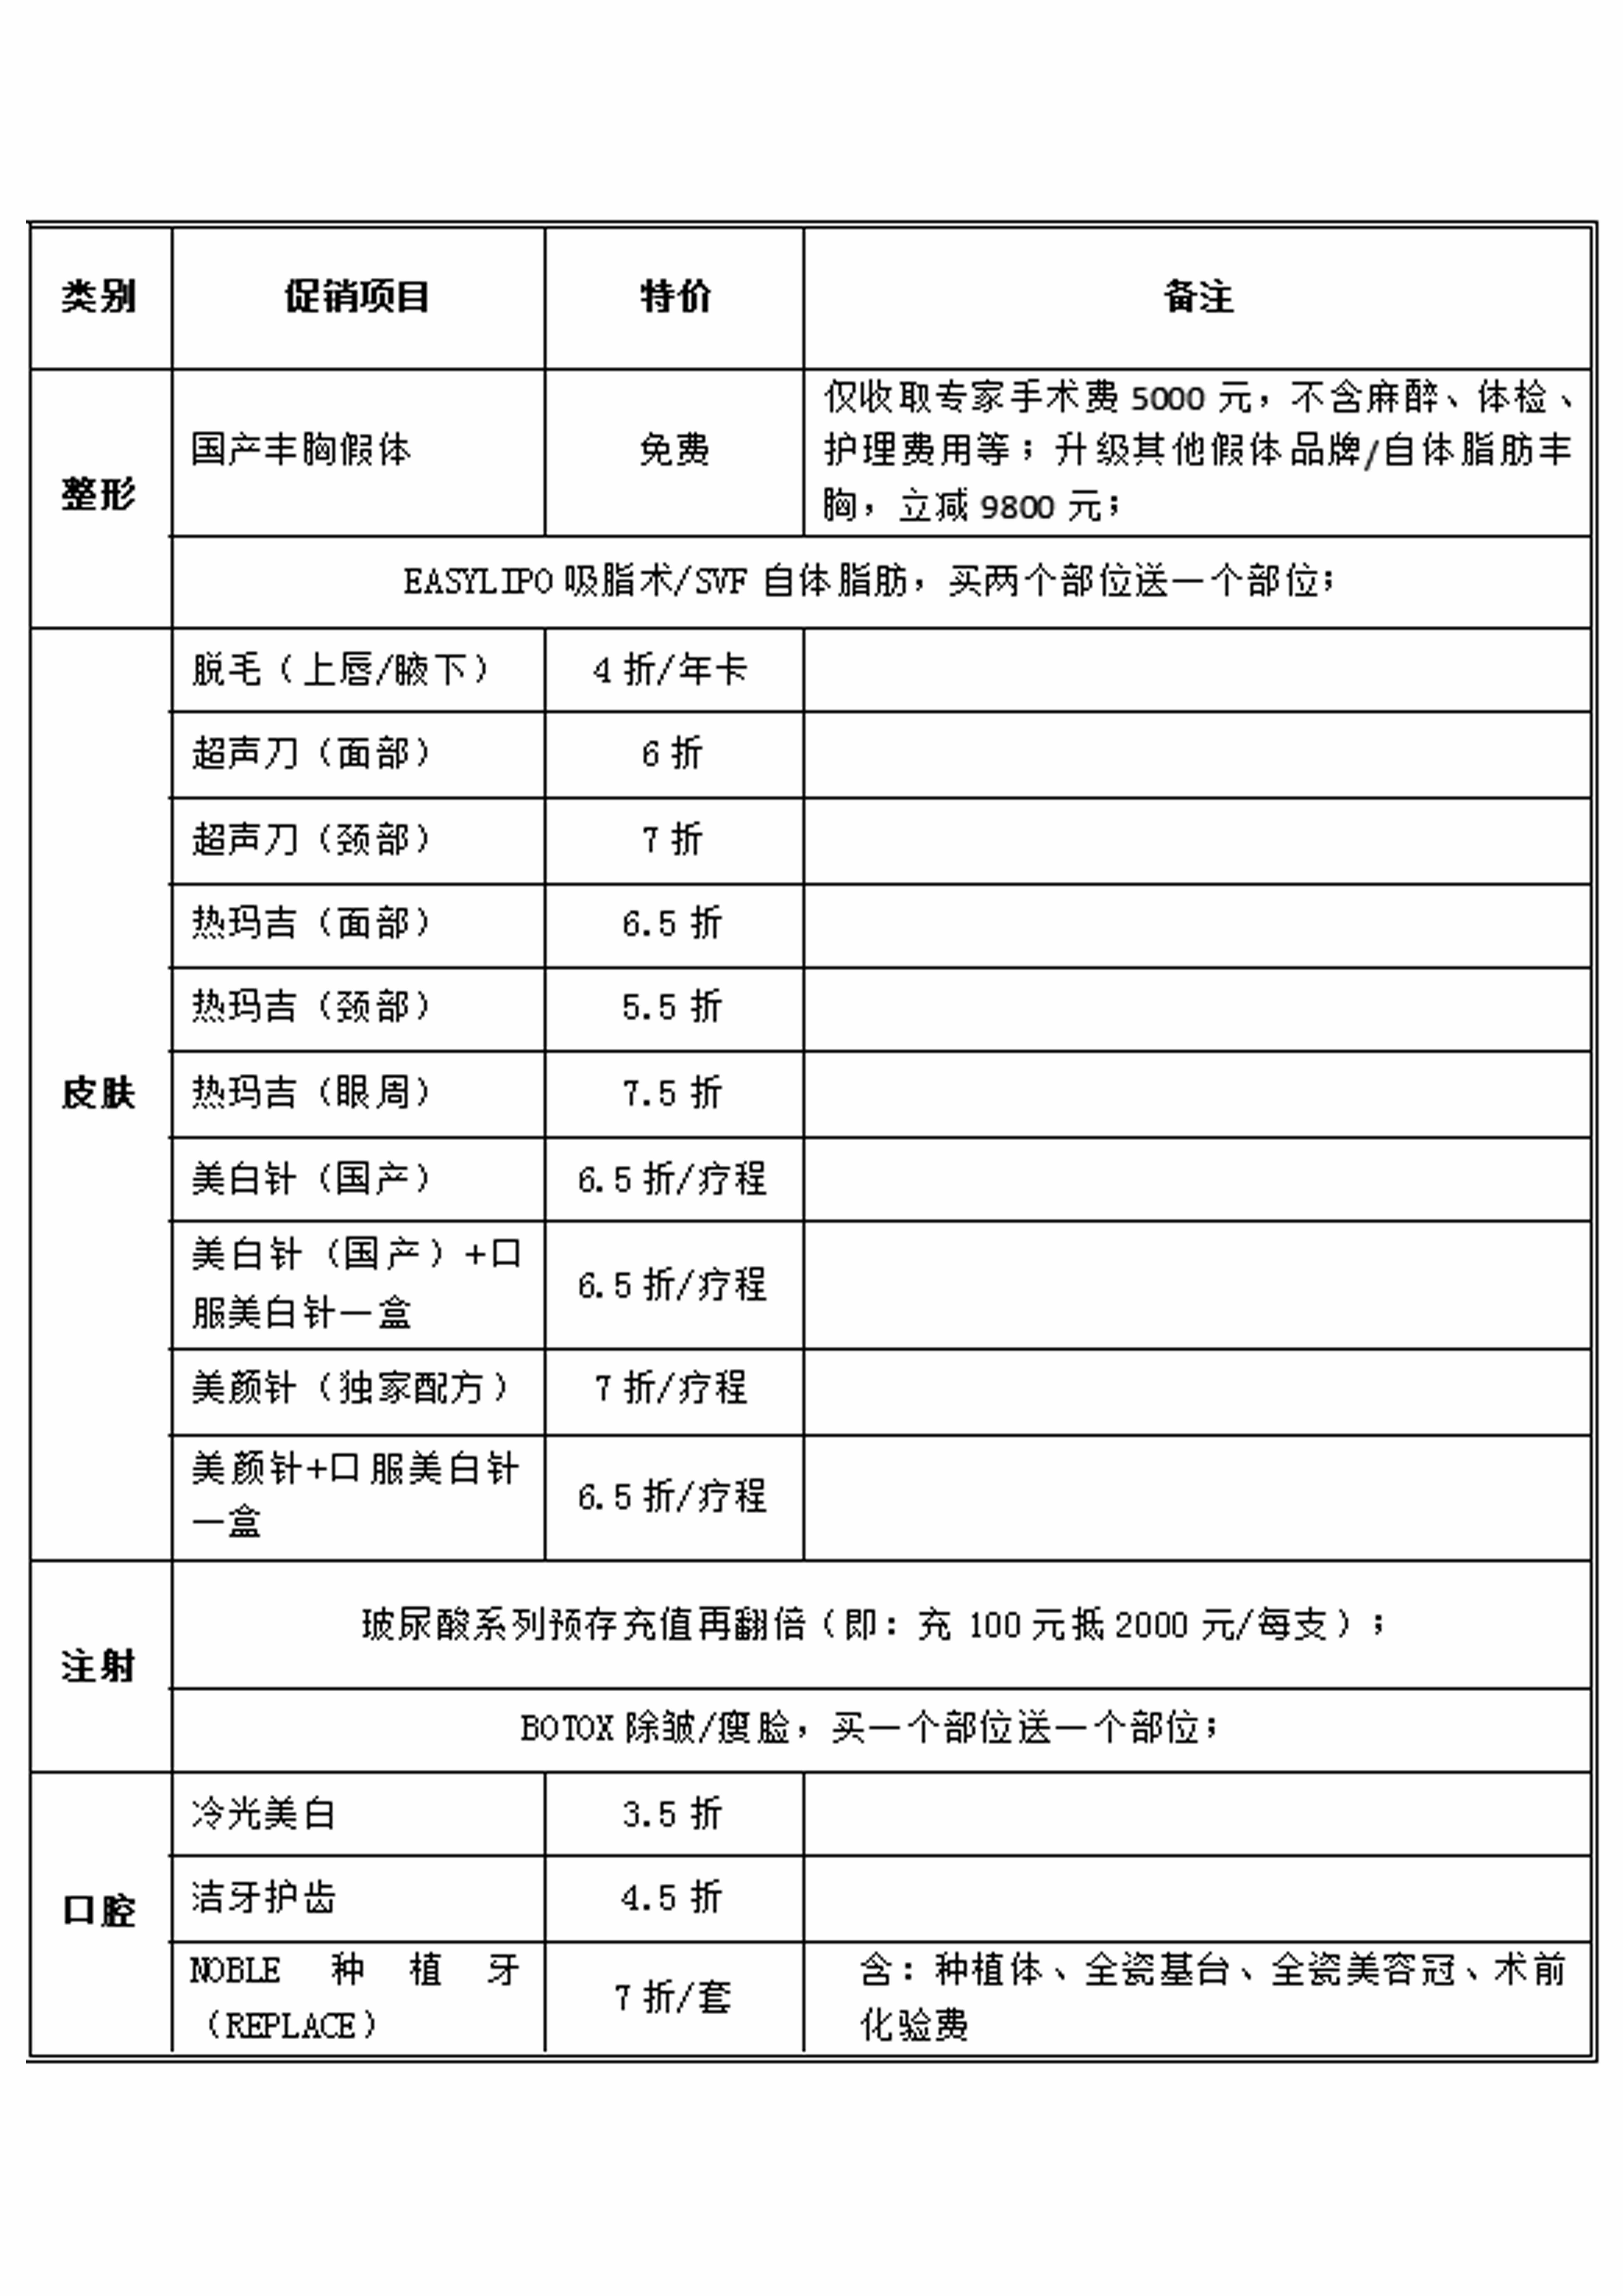 2016年7月北京丽都整形医院优惠活动详情表